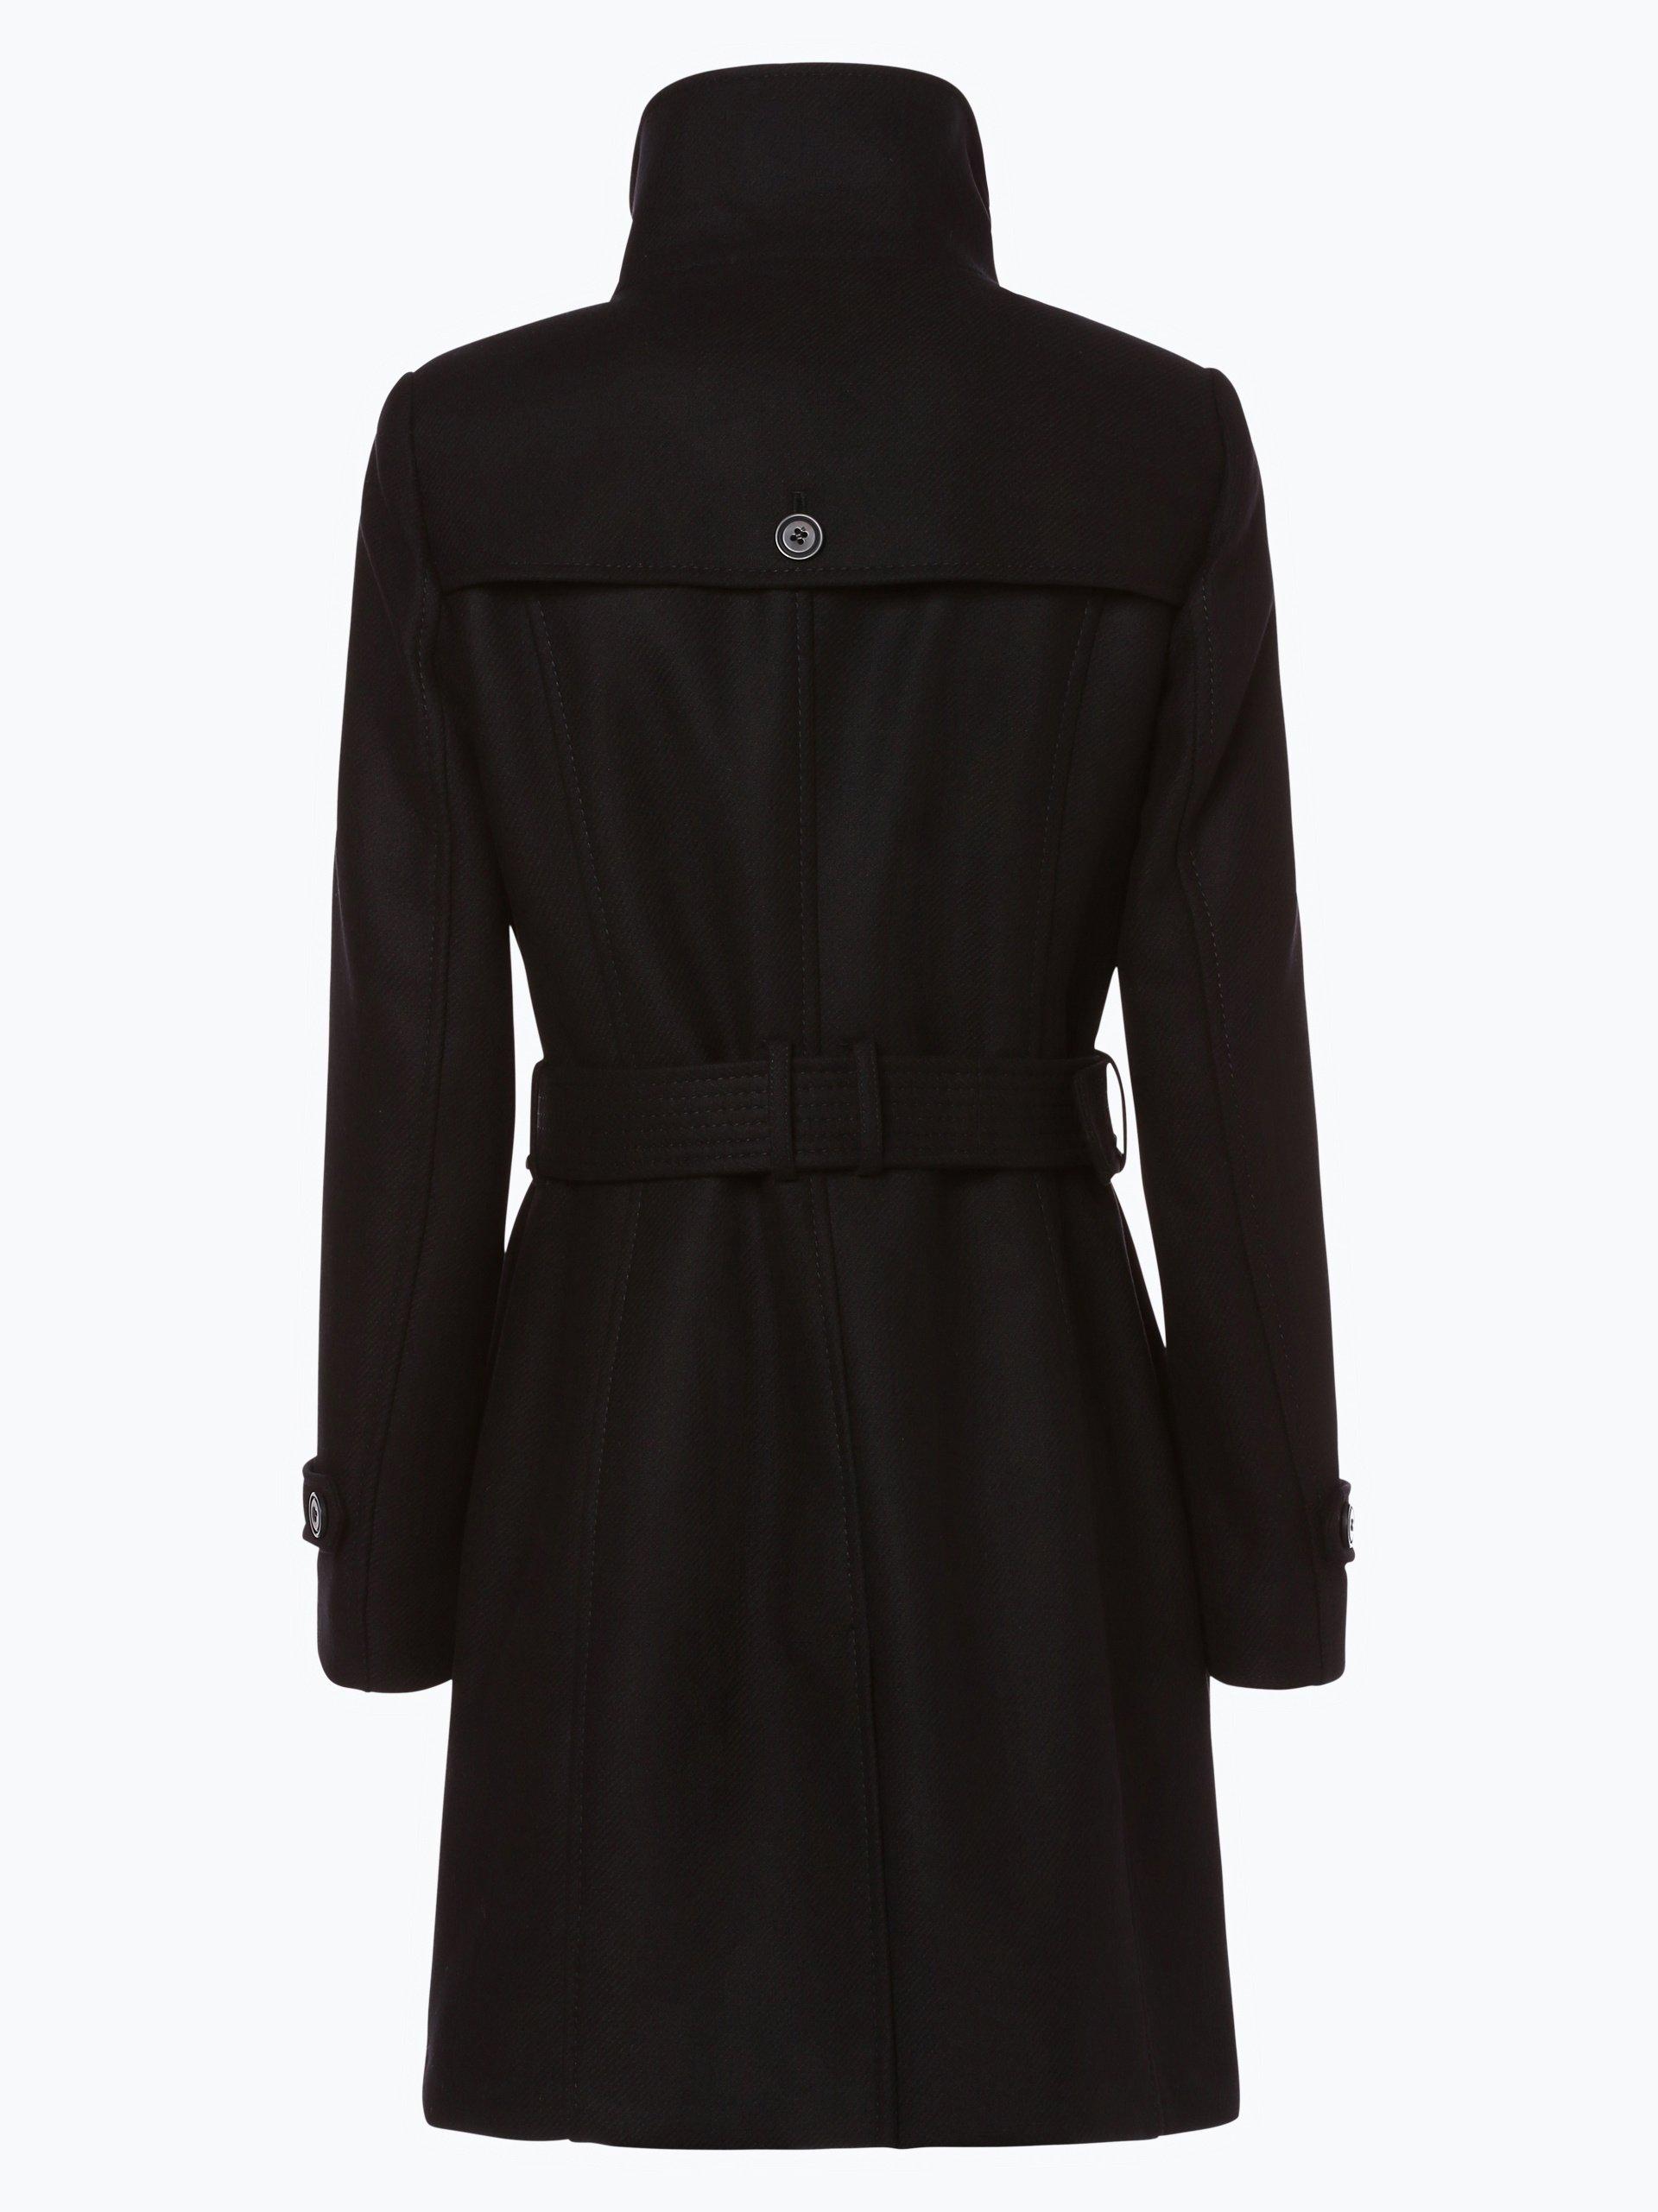 fuchs schmitt black damen mantel schwarz gestreift online kaufen peek und cloppenburg de. Black Bedroom Furniture Sets. Home Design Ideas